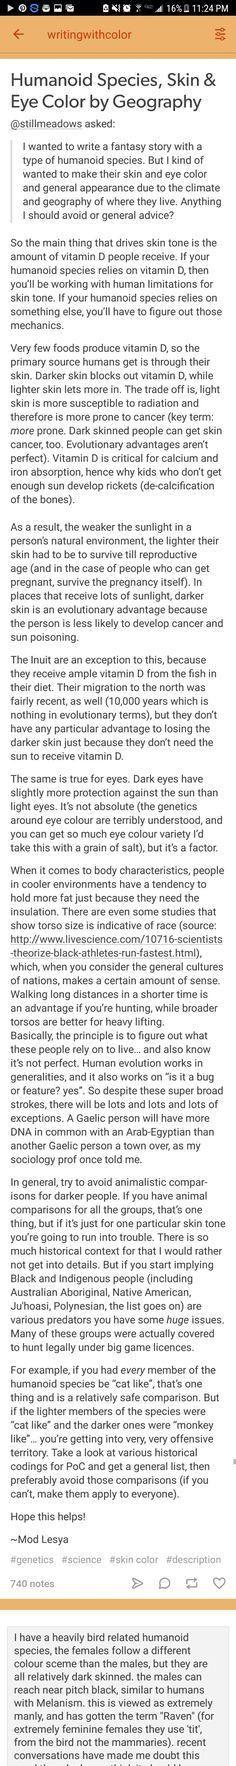 HANDY DANDY SKIN TONES! This is great for describing skin tones ...